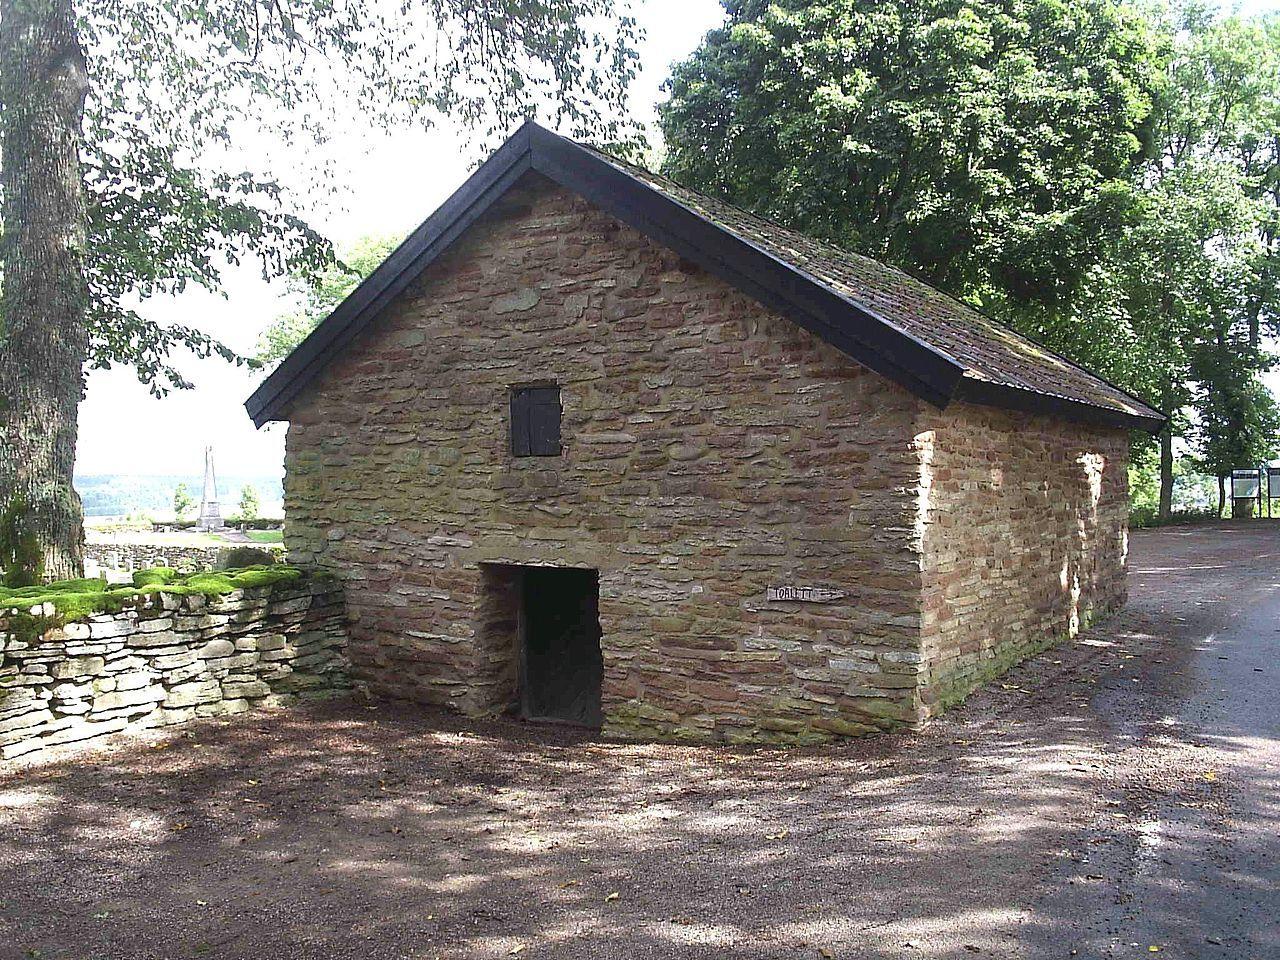 Sockenmagasinet, ev från början av 1700-talet, i Kungslena, den 23 aug 2006 - Parish granary - Wikipedia, the free encyclopedia